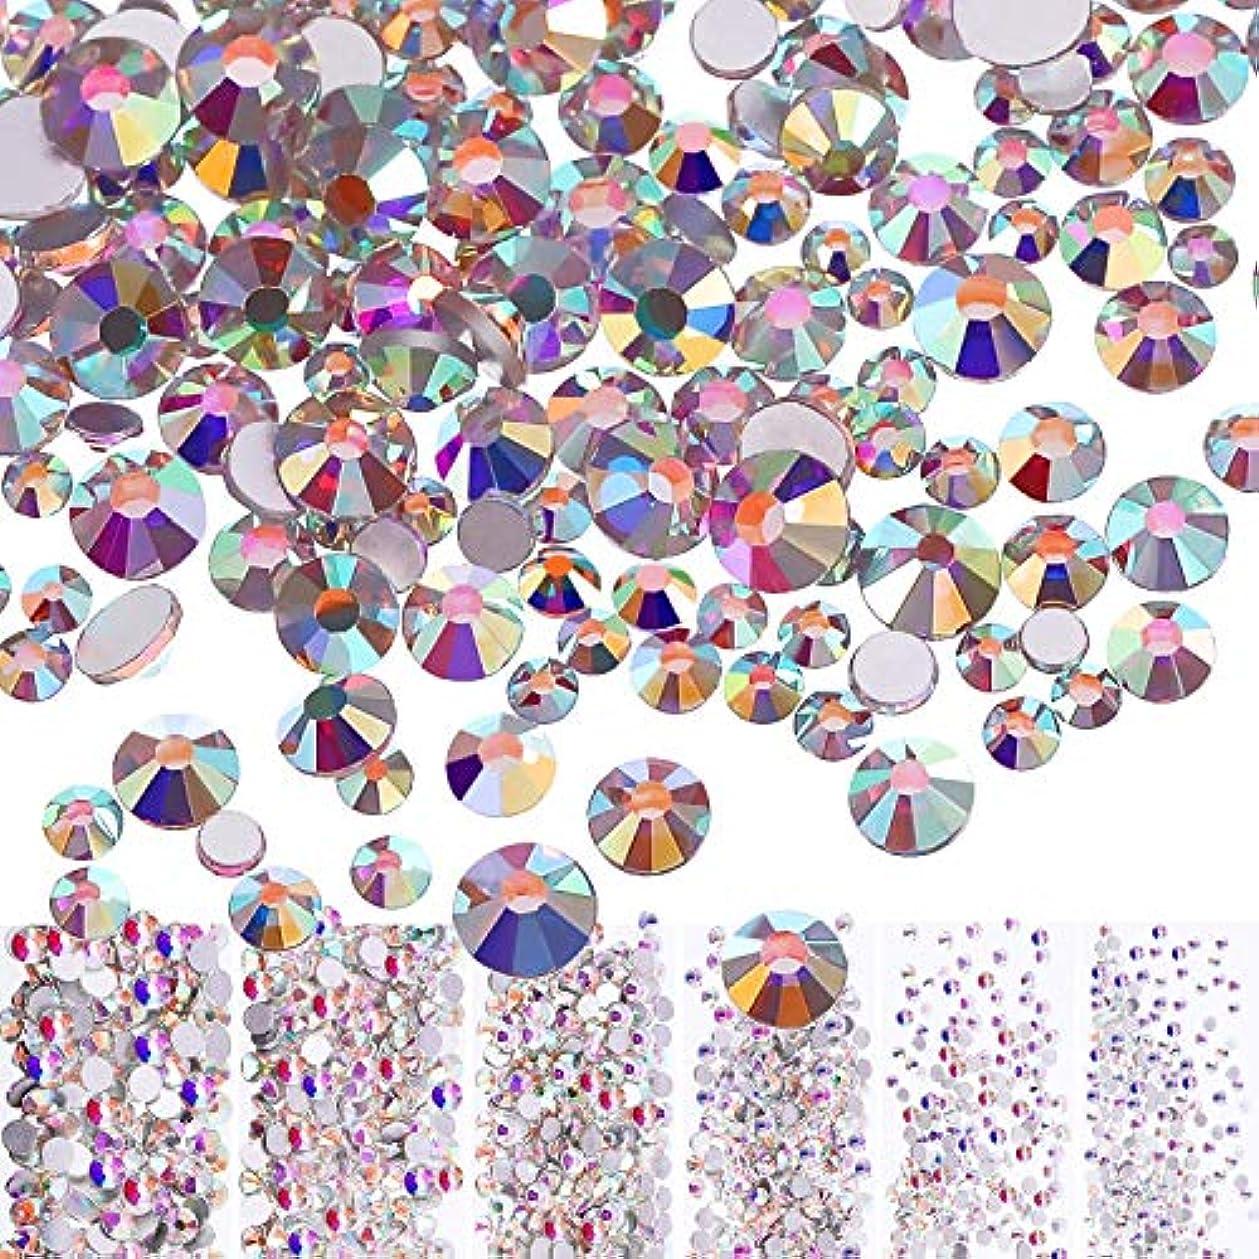 象の頭の上未知のMojoe 3168個ネイルクリスタルAbネイルアートラインストーンラウンドバックガラスチャーム宝石石、6サイズネイル用装飾化粧服靴(、混合Ss4 5 6 8 10 12)(クリスタルAb)